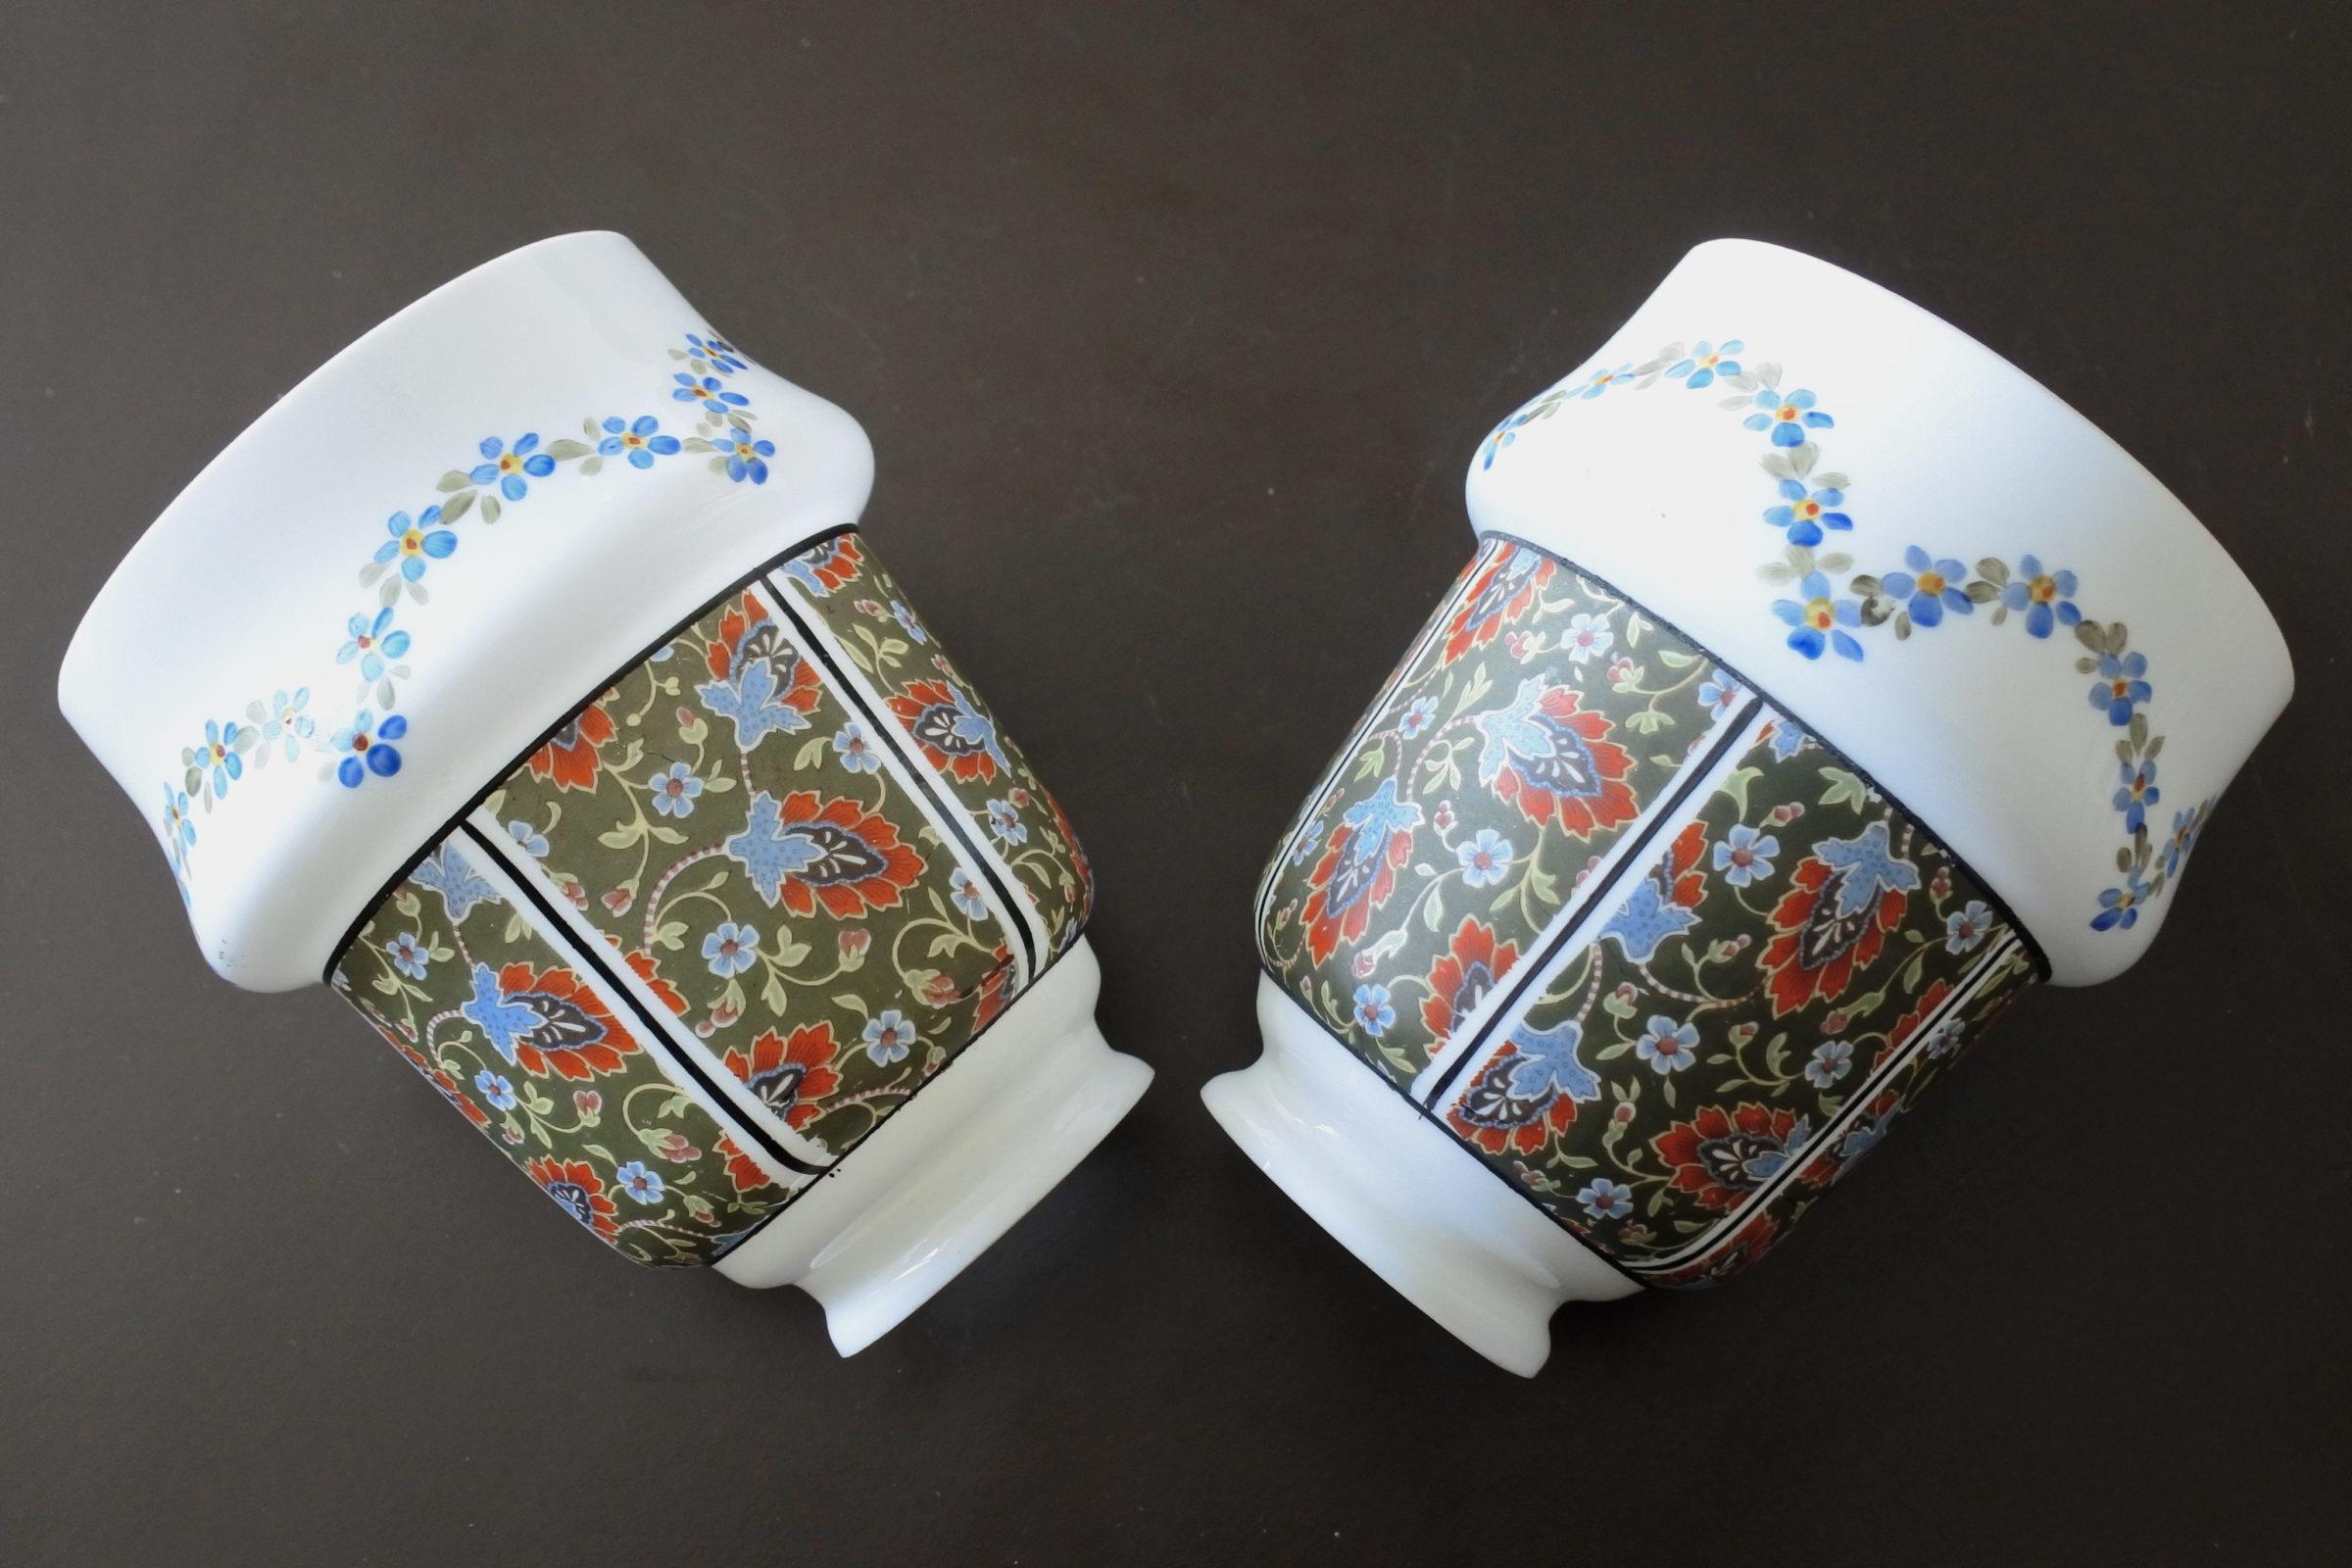 Coppia di tulipes per appliques in vetro opalino decorato con fiori - 3